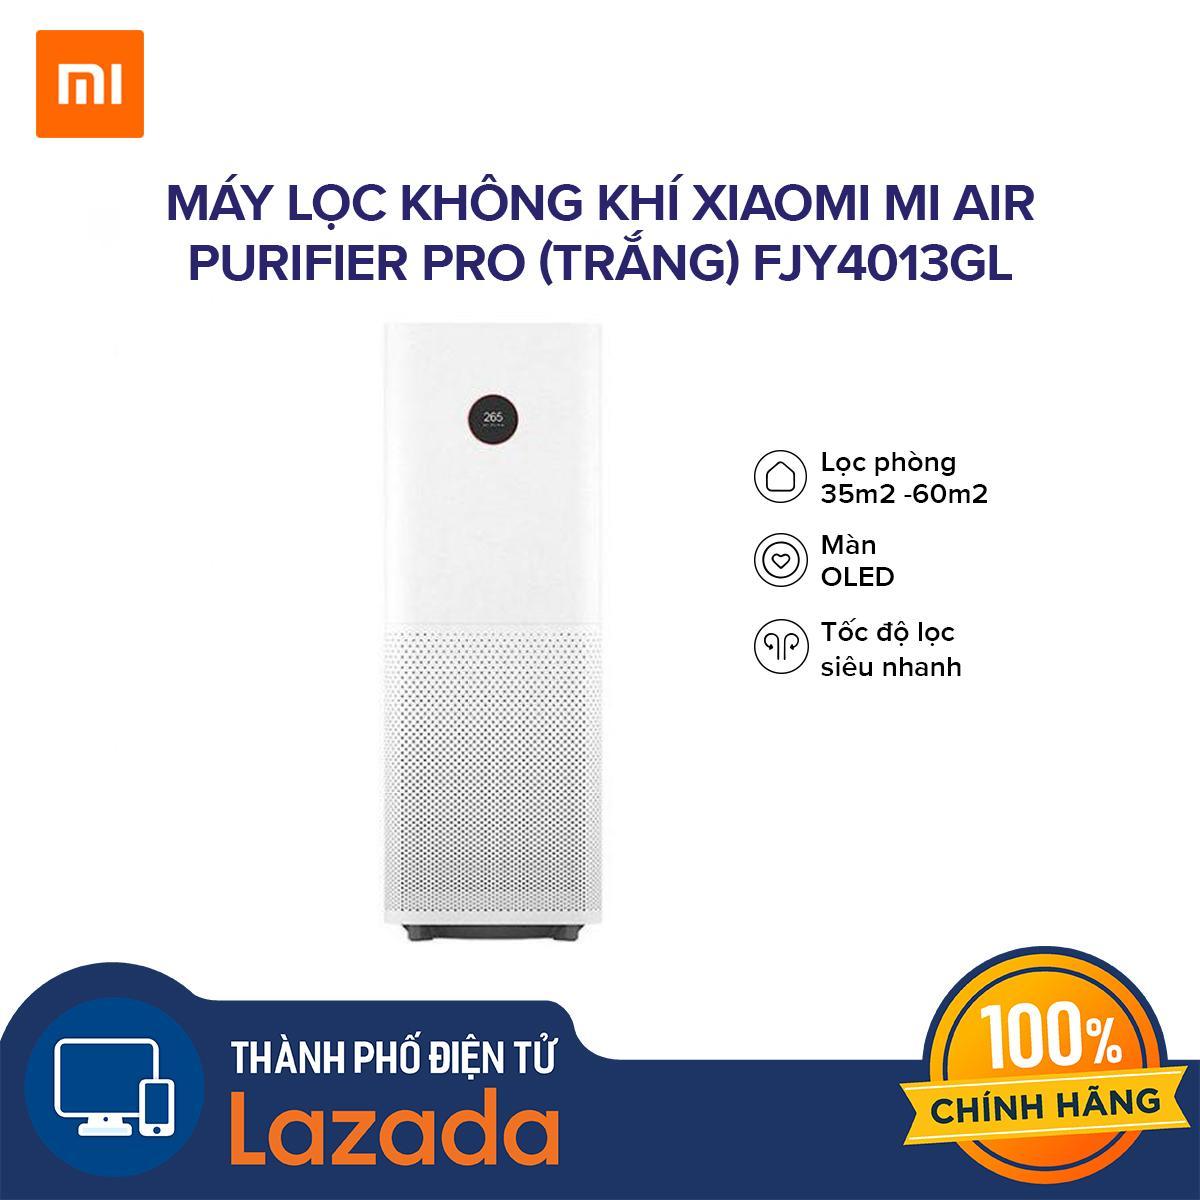 Bảng giá Máy lọc không khí Xiaomi Pro Mi Air Purifier (Trắng) FJY4013GL - Bộ lọc than hoạt tính loại bỏ mùi hôi và chất độc hại